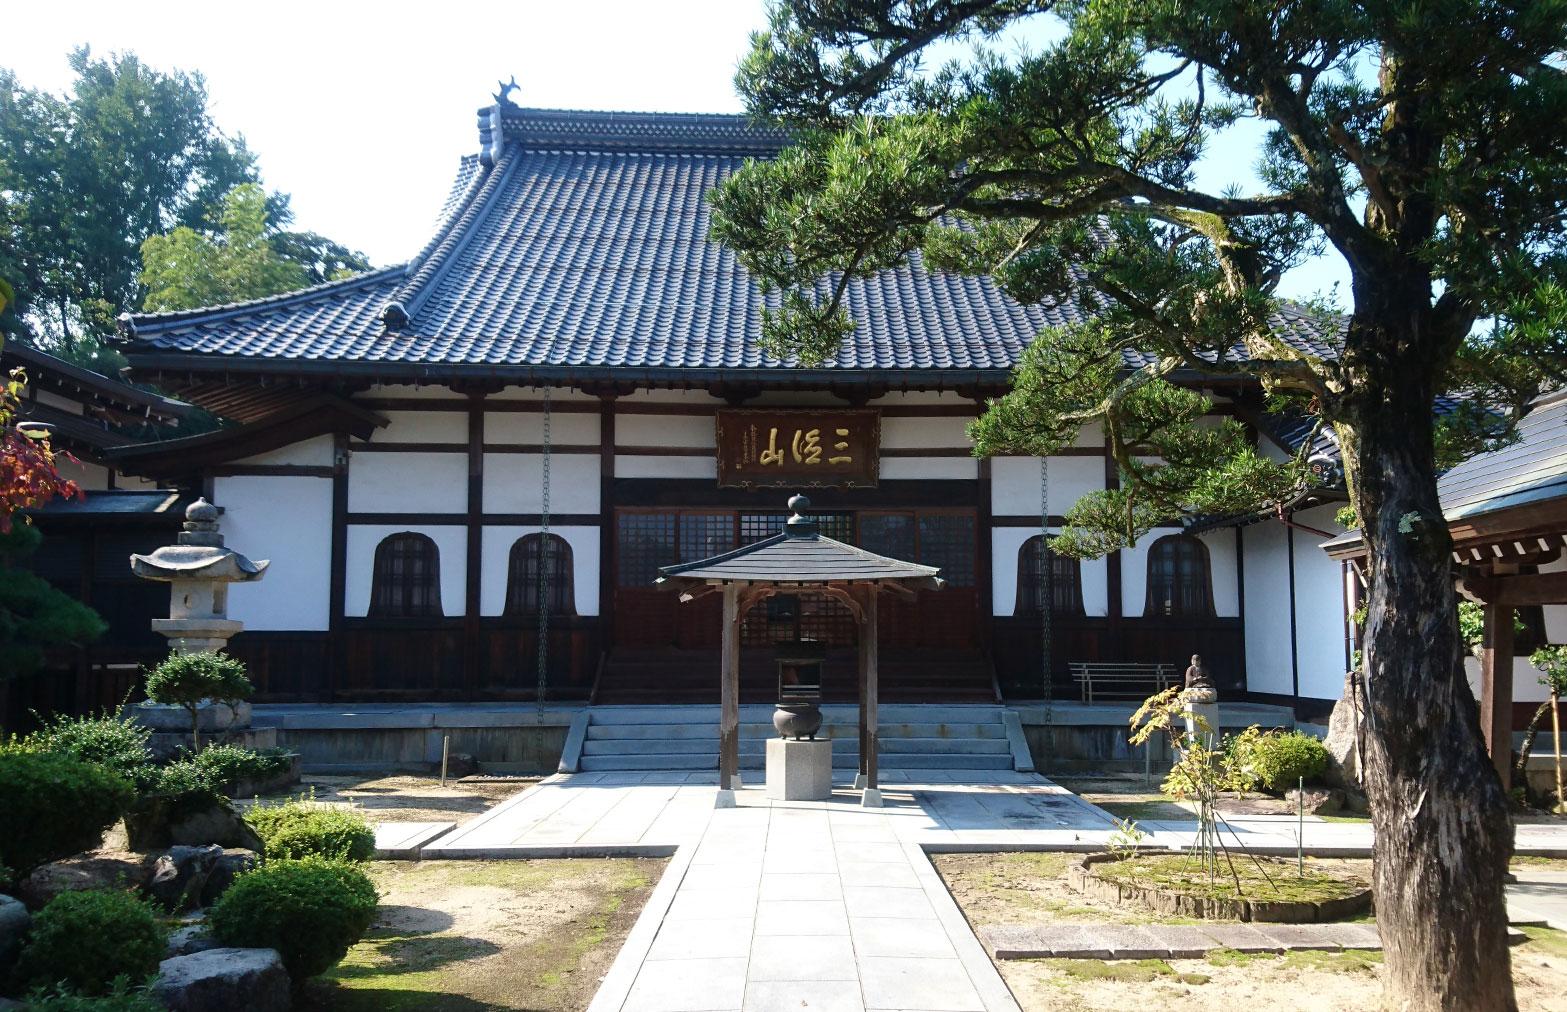 第49番霊場(森福寺)